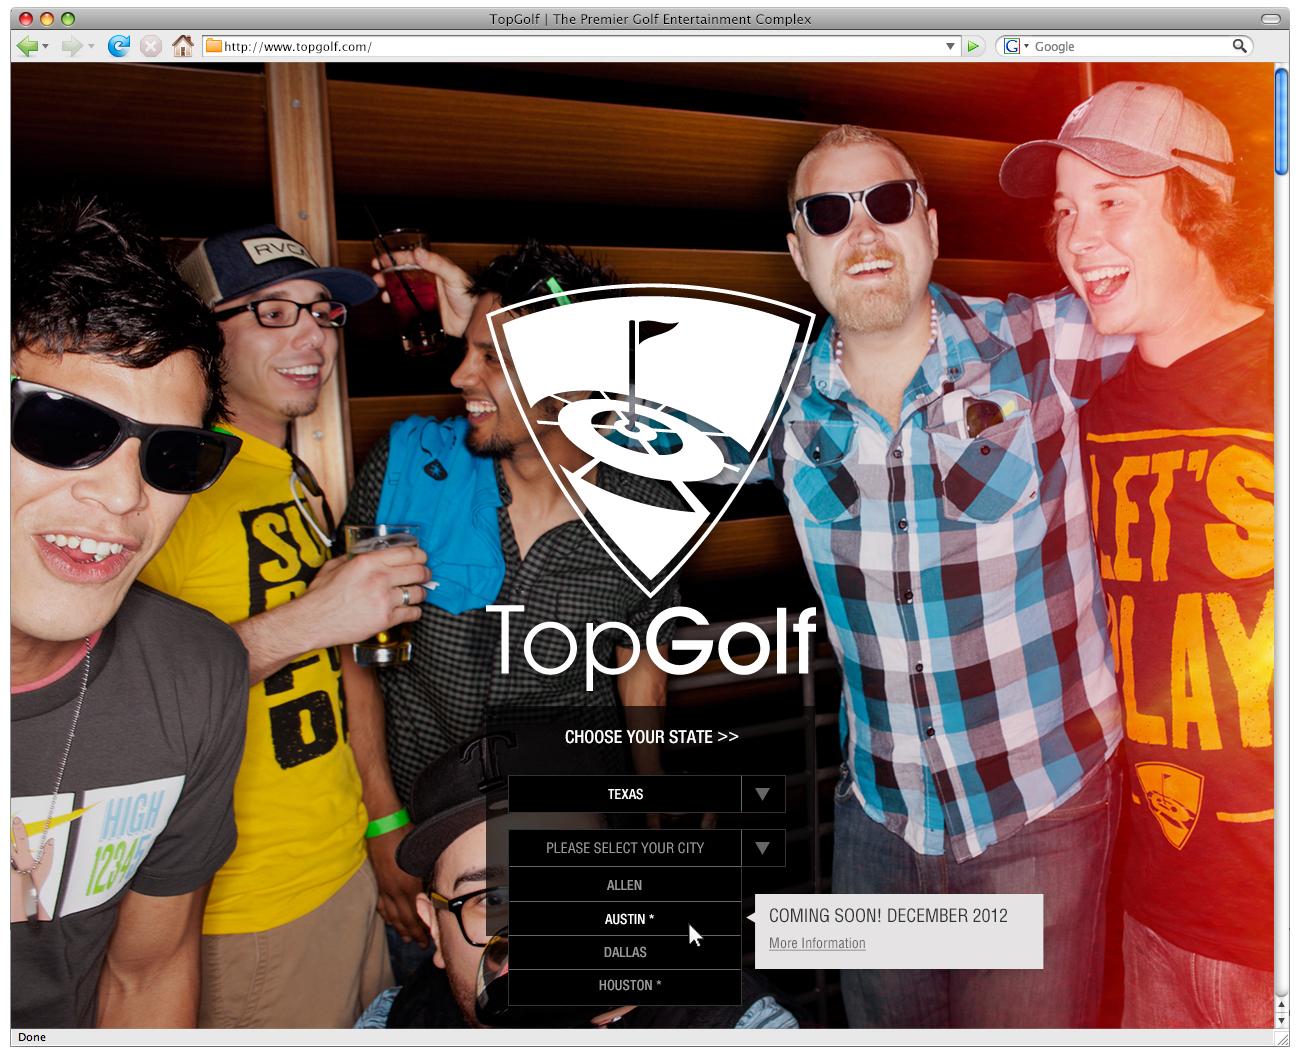 TopGolf Website Redesign 2012